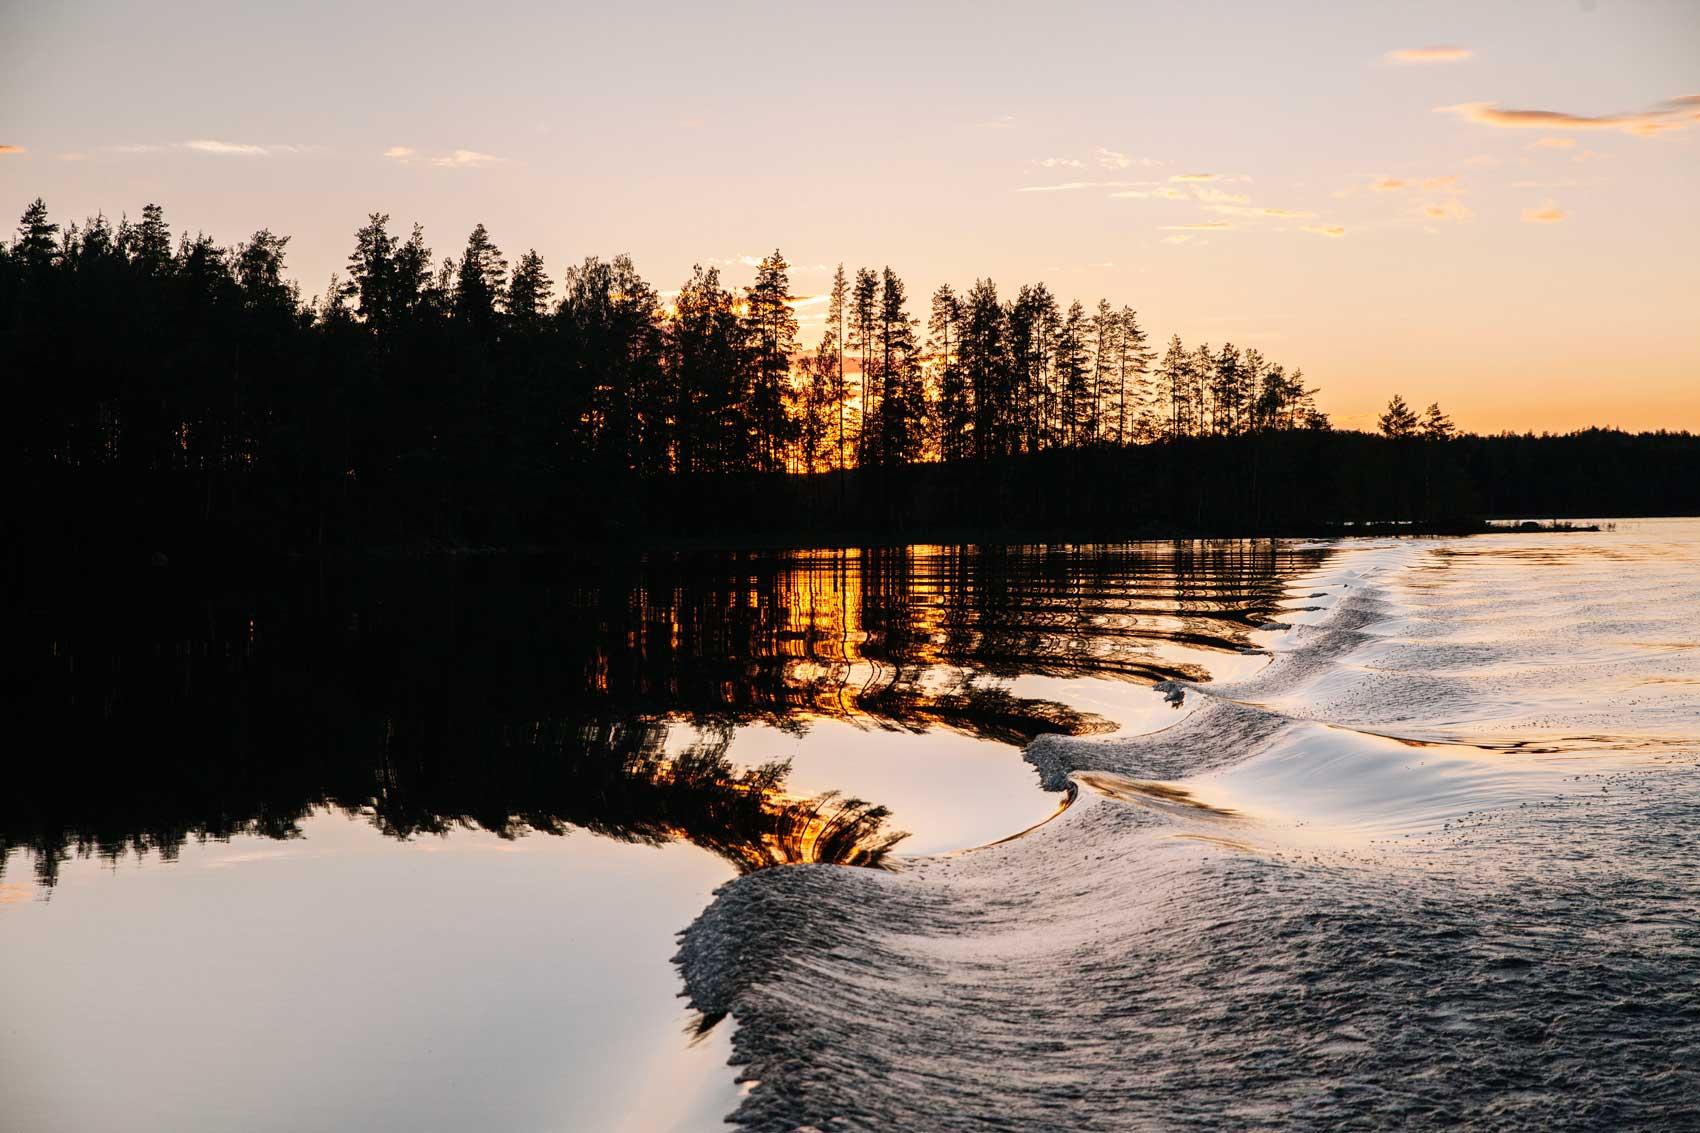 Finland midnight sun